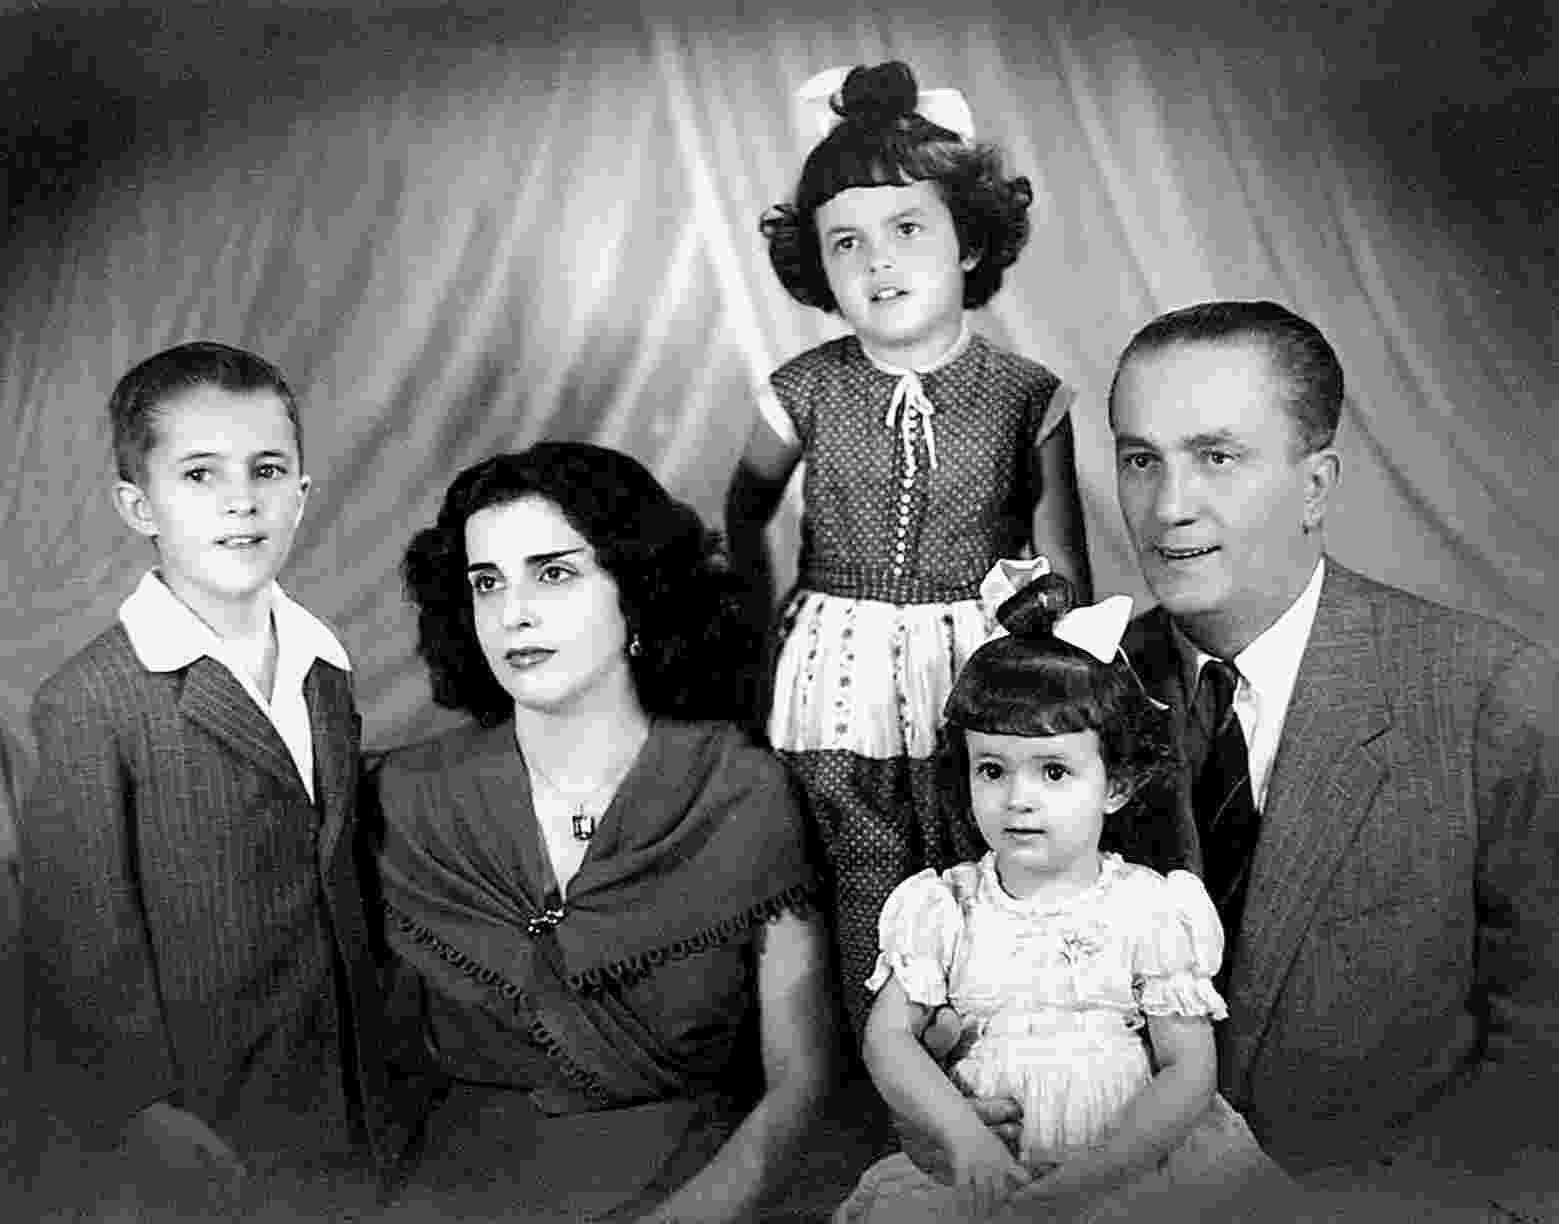 7.out.2013 - A presidente Dilma Rousseff (acima), quando criança, ao lado de seus pais e irmãos, em Minas Gerais, em foto de data desconhecida - Folha de S. Paulo/Arquivo Pessoal